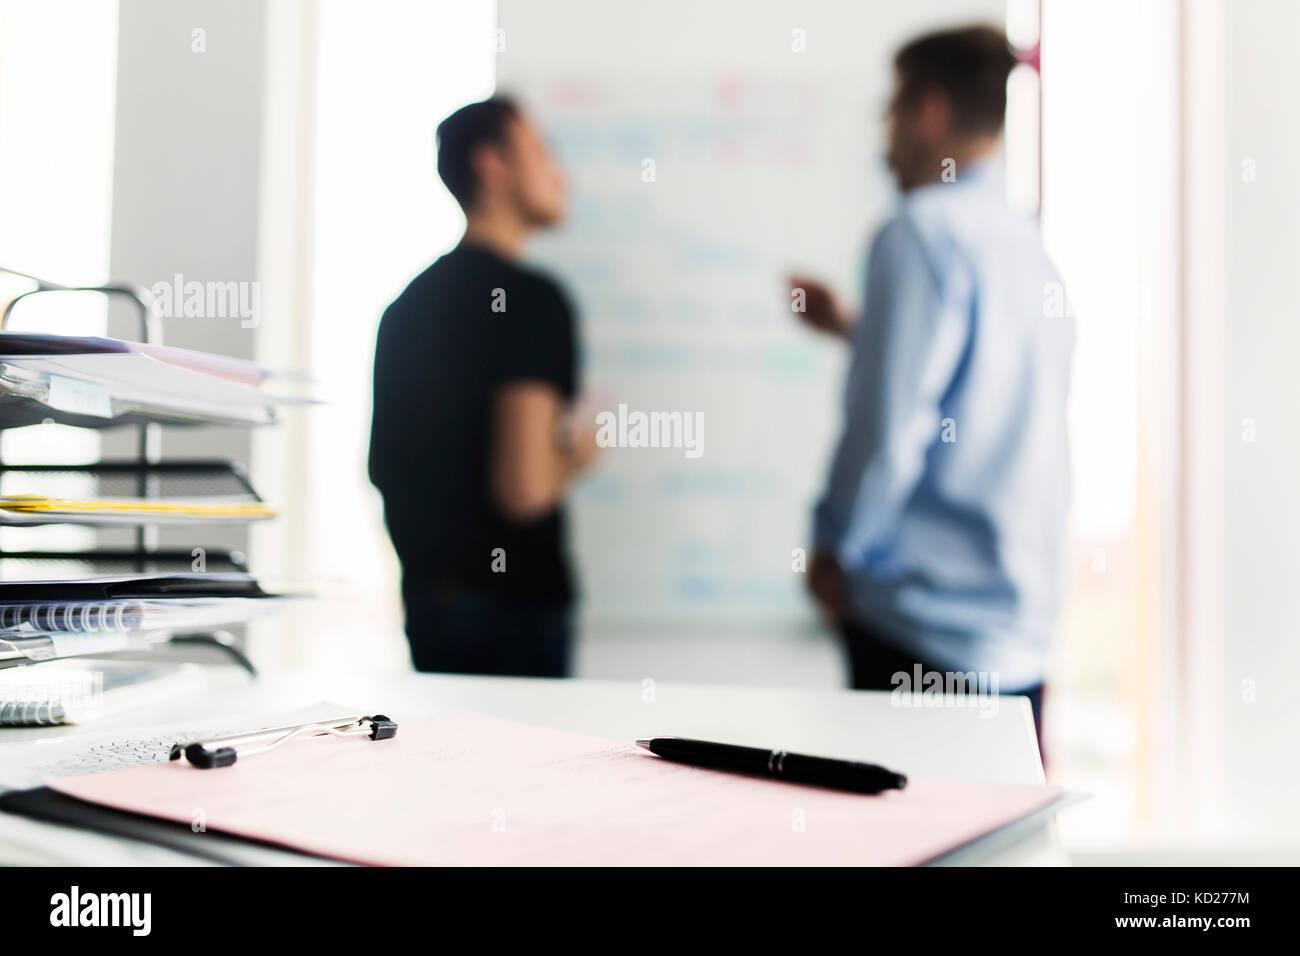 Zwischenablage mit Pen, Kollegen im Hintergrund Stockbild